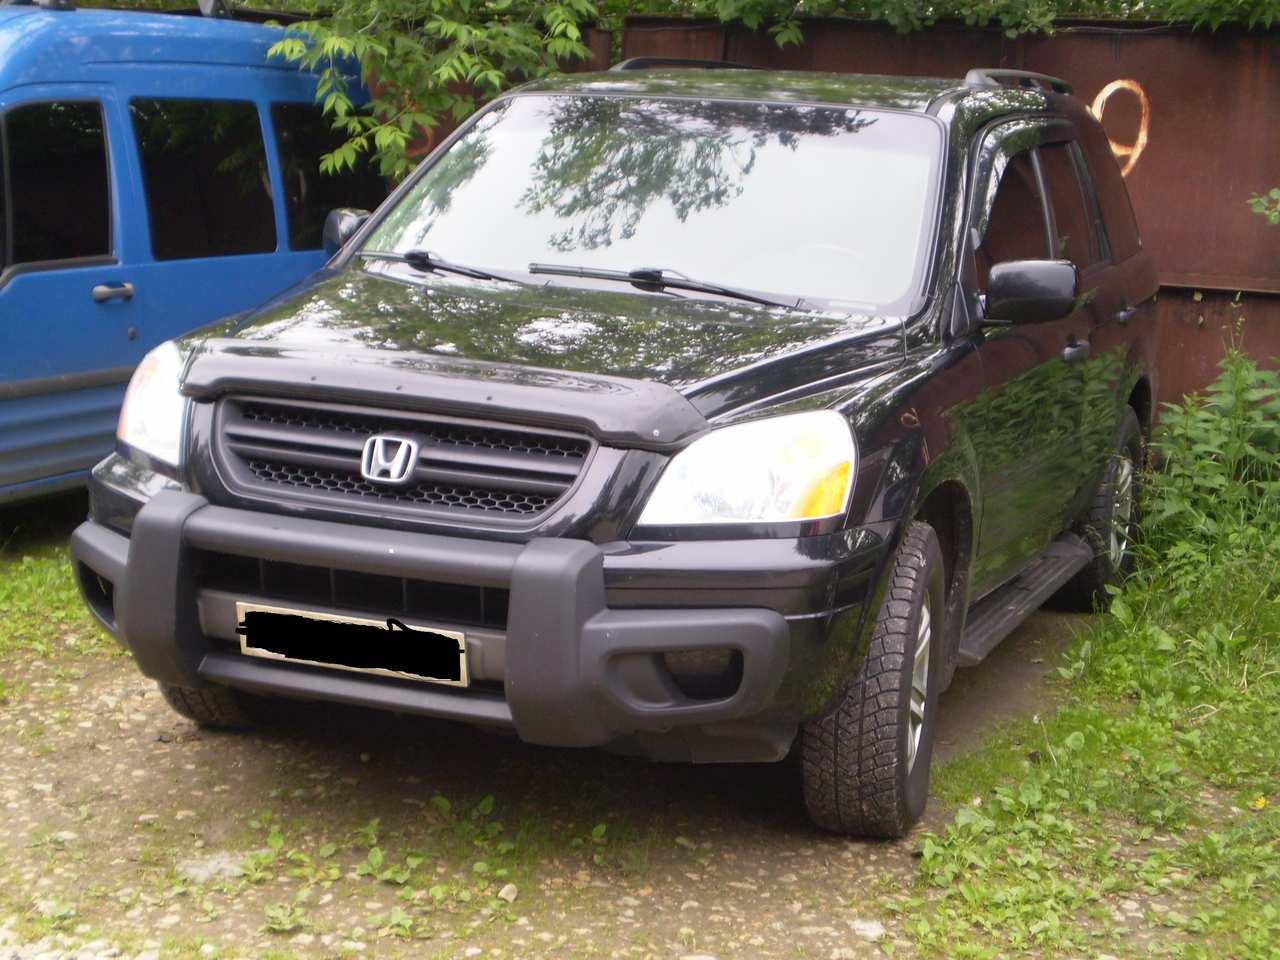 2002 Honda Pilot 3 5l Gasoline Automatic For Sale